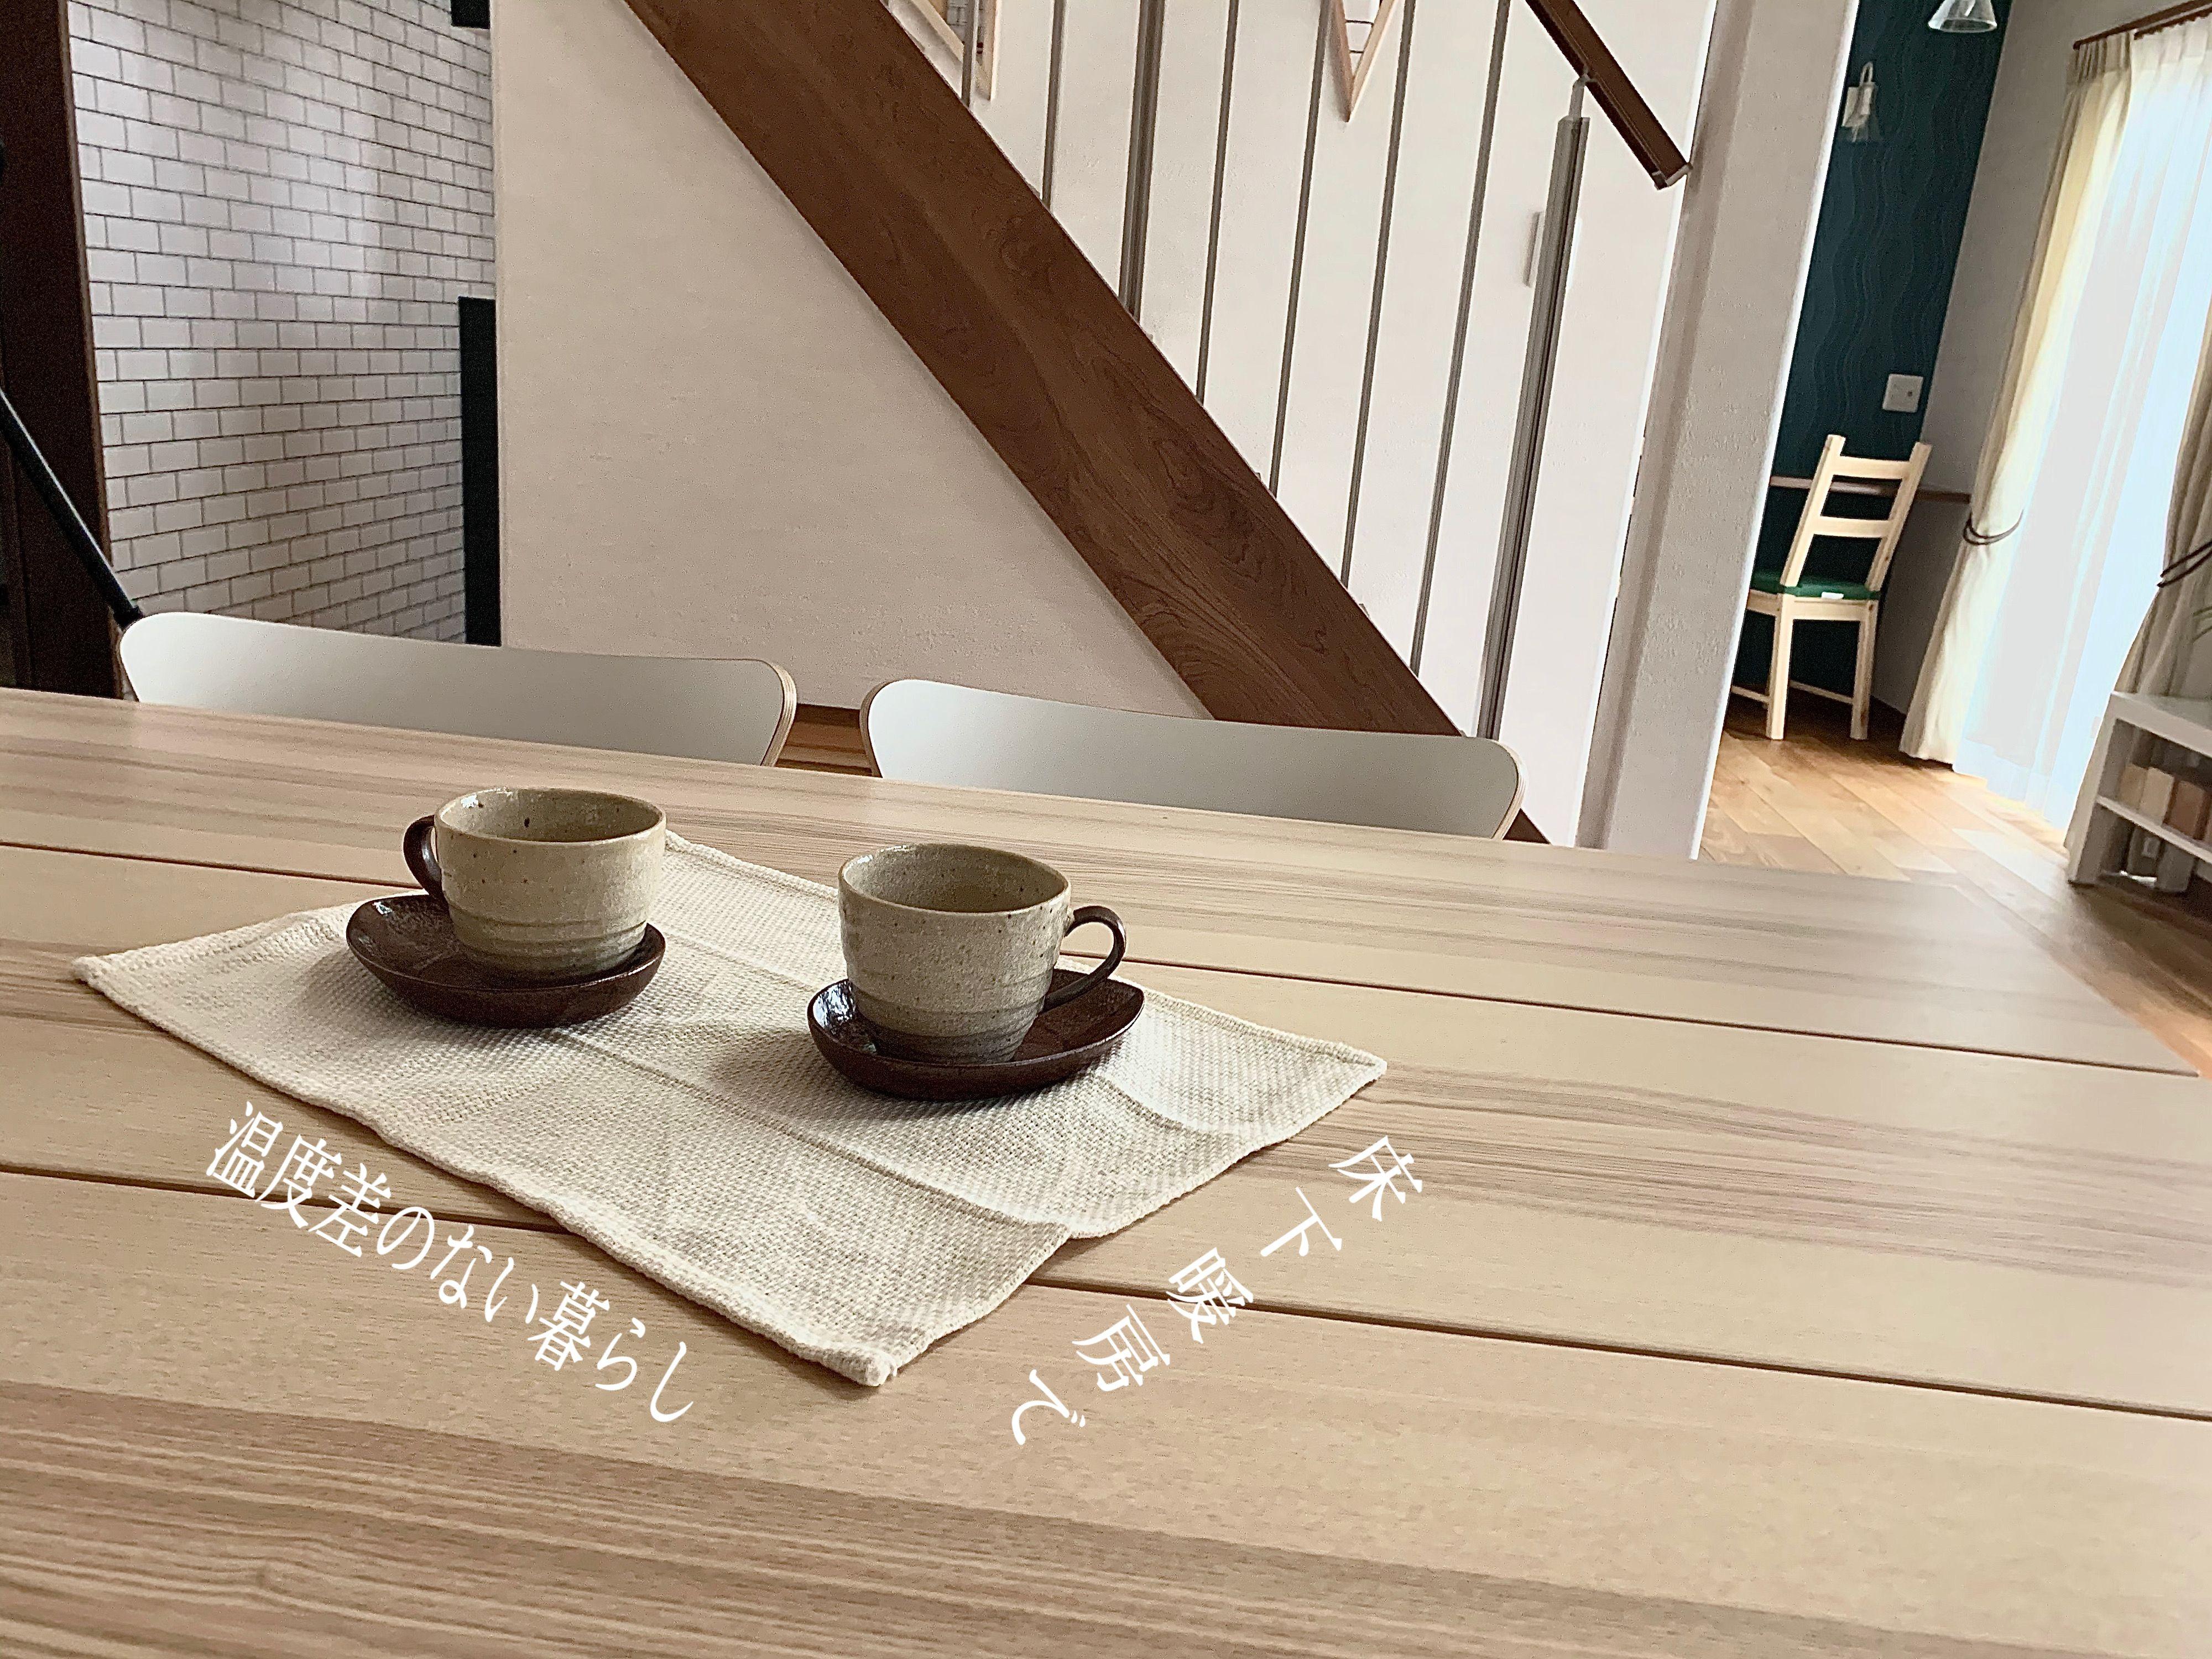 お家の空調管理は床下エアコン1台 床から暖かみを感じます